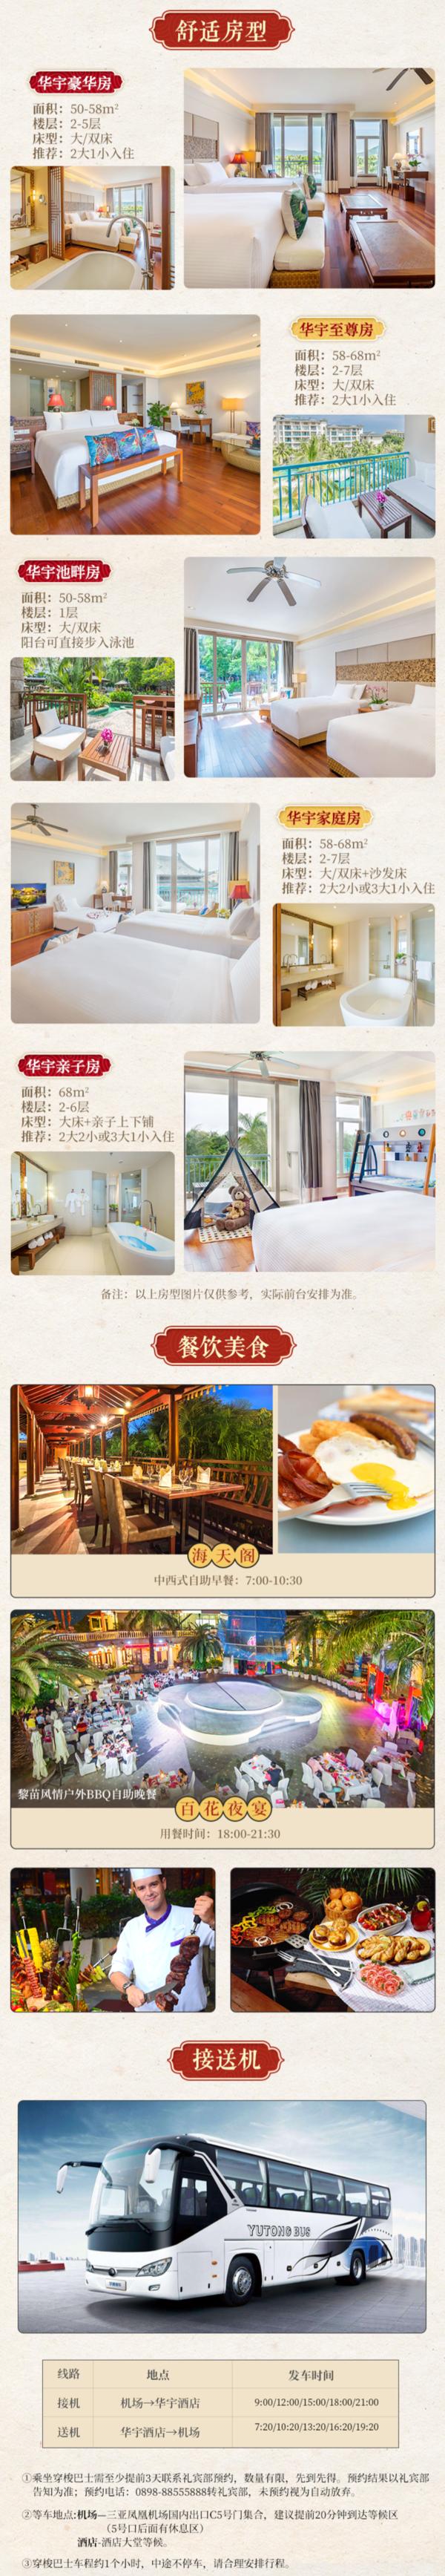 三亚亚龙湾华宇度假酒店2-3晚+早餐+接送机+儿童俱乐部